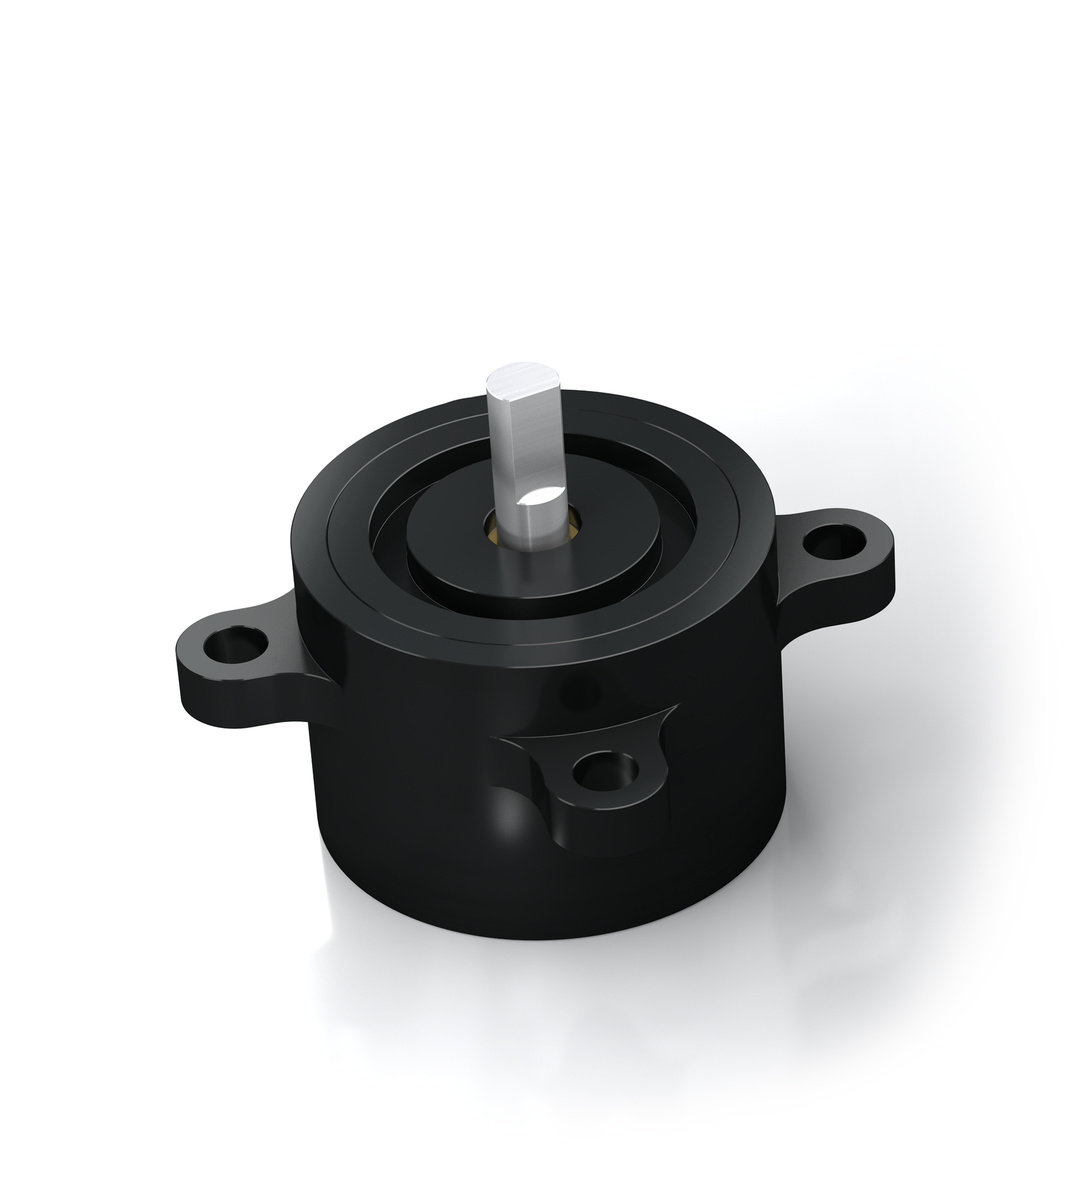 ACE Stoßdämpfer GmbH - Bild - FRN-F2/K2-L